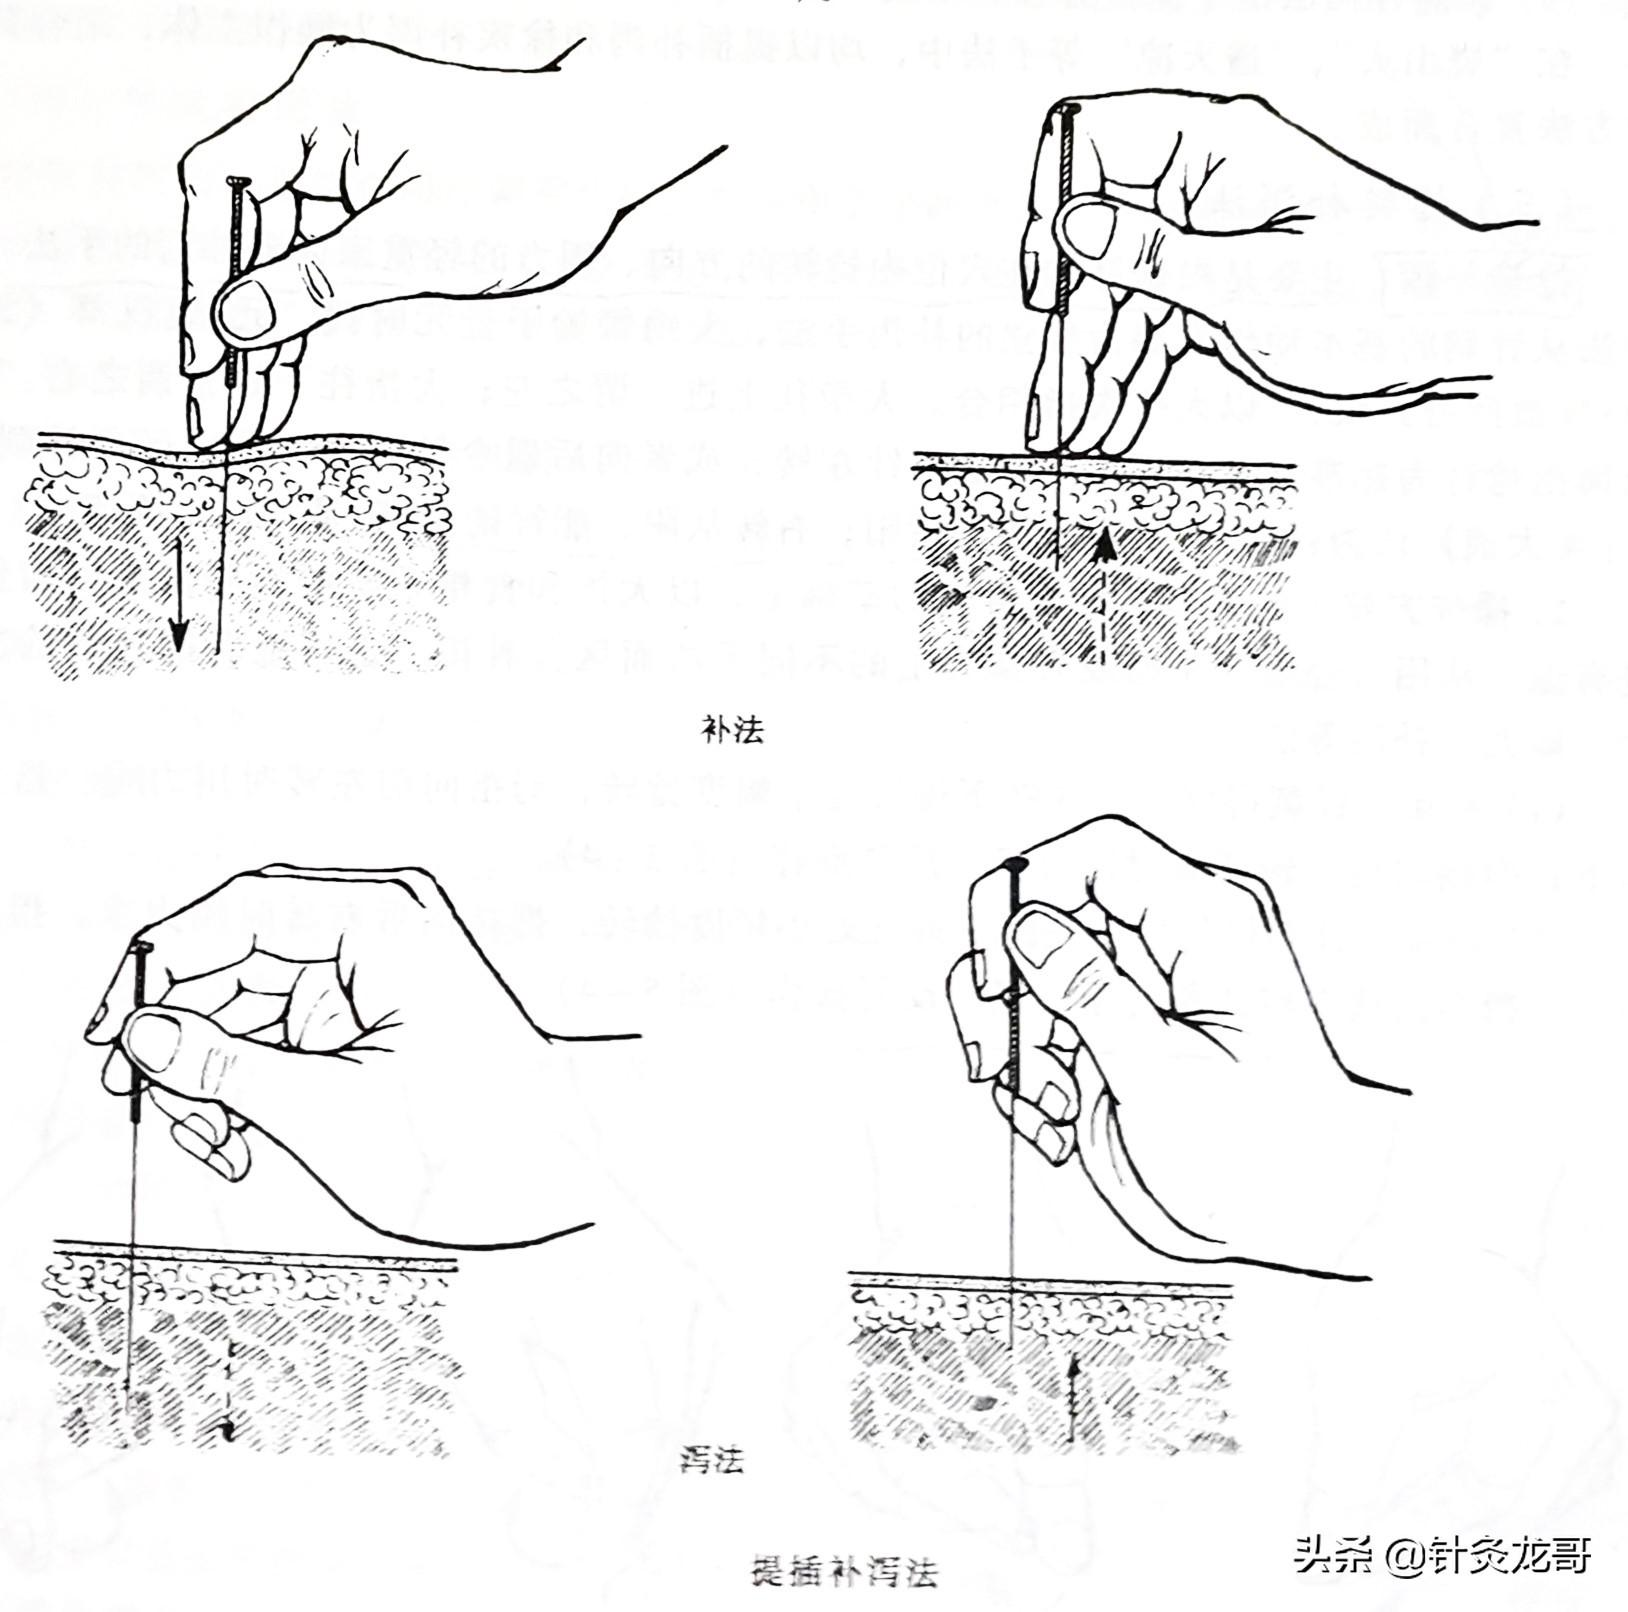 针灸常用补泻手法介绍,建议初学者收藏